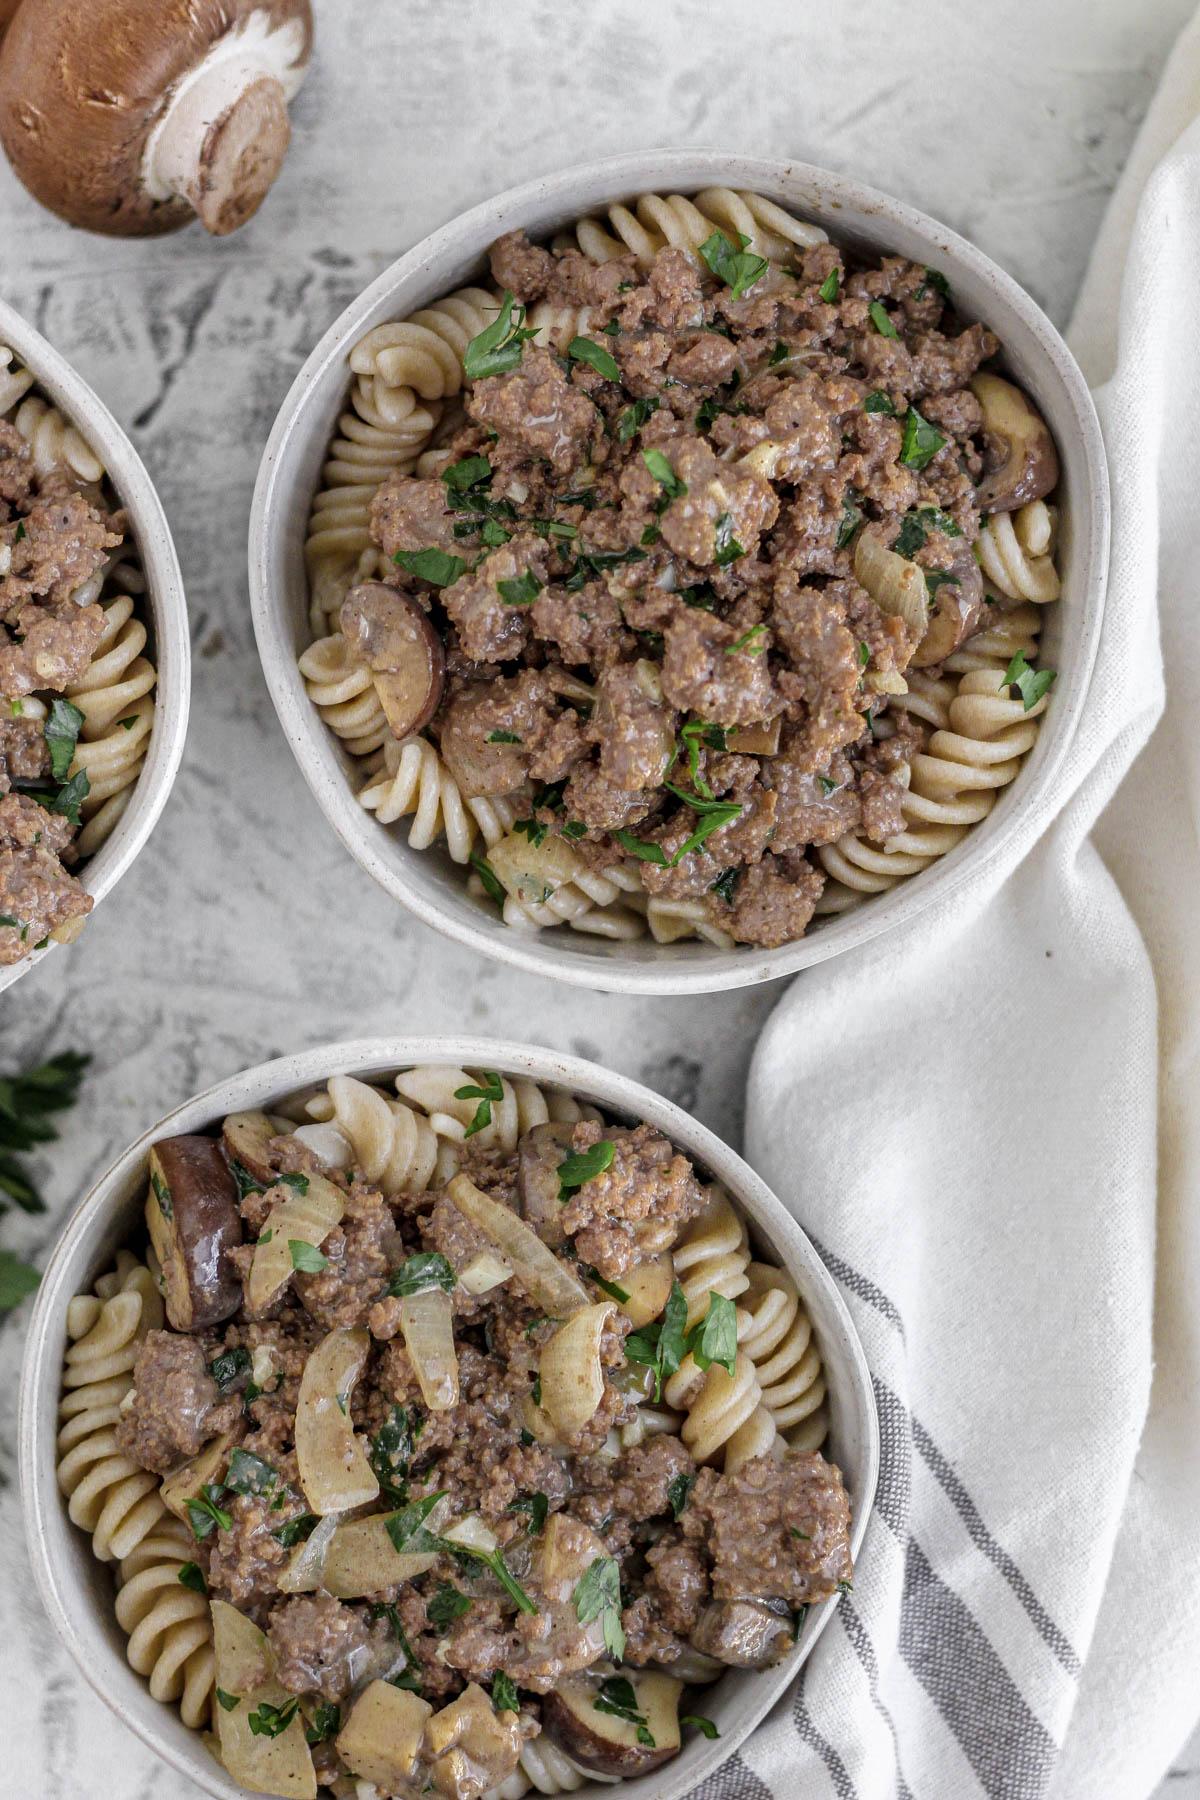 Three bowls filled with gluten free beef stroganoff